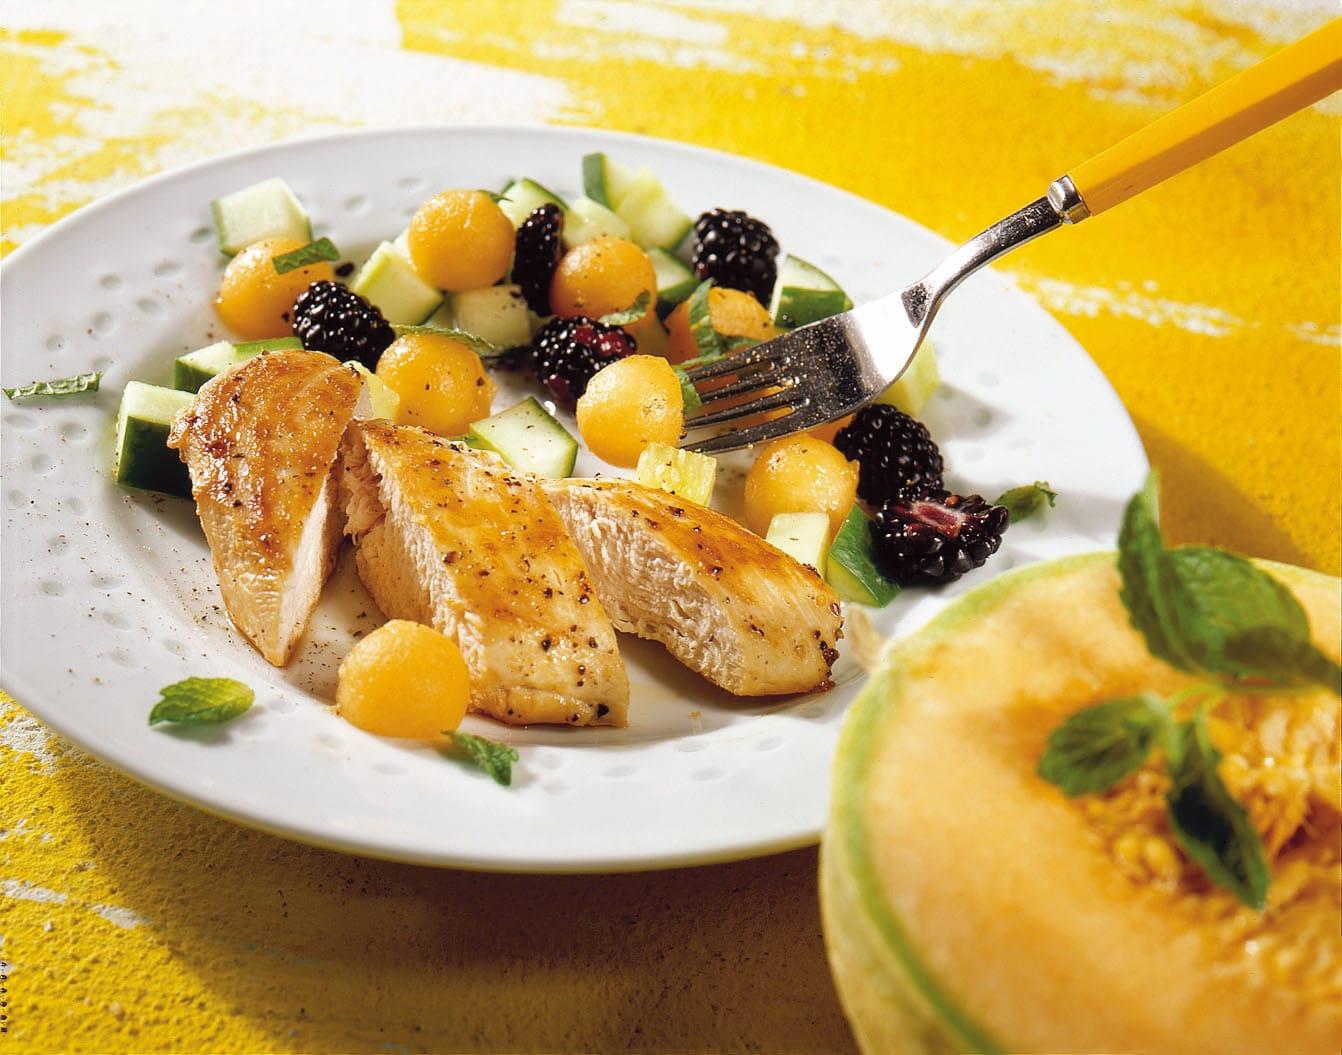 Salade de concombre, melon et mûres au poulet